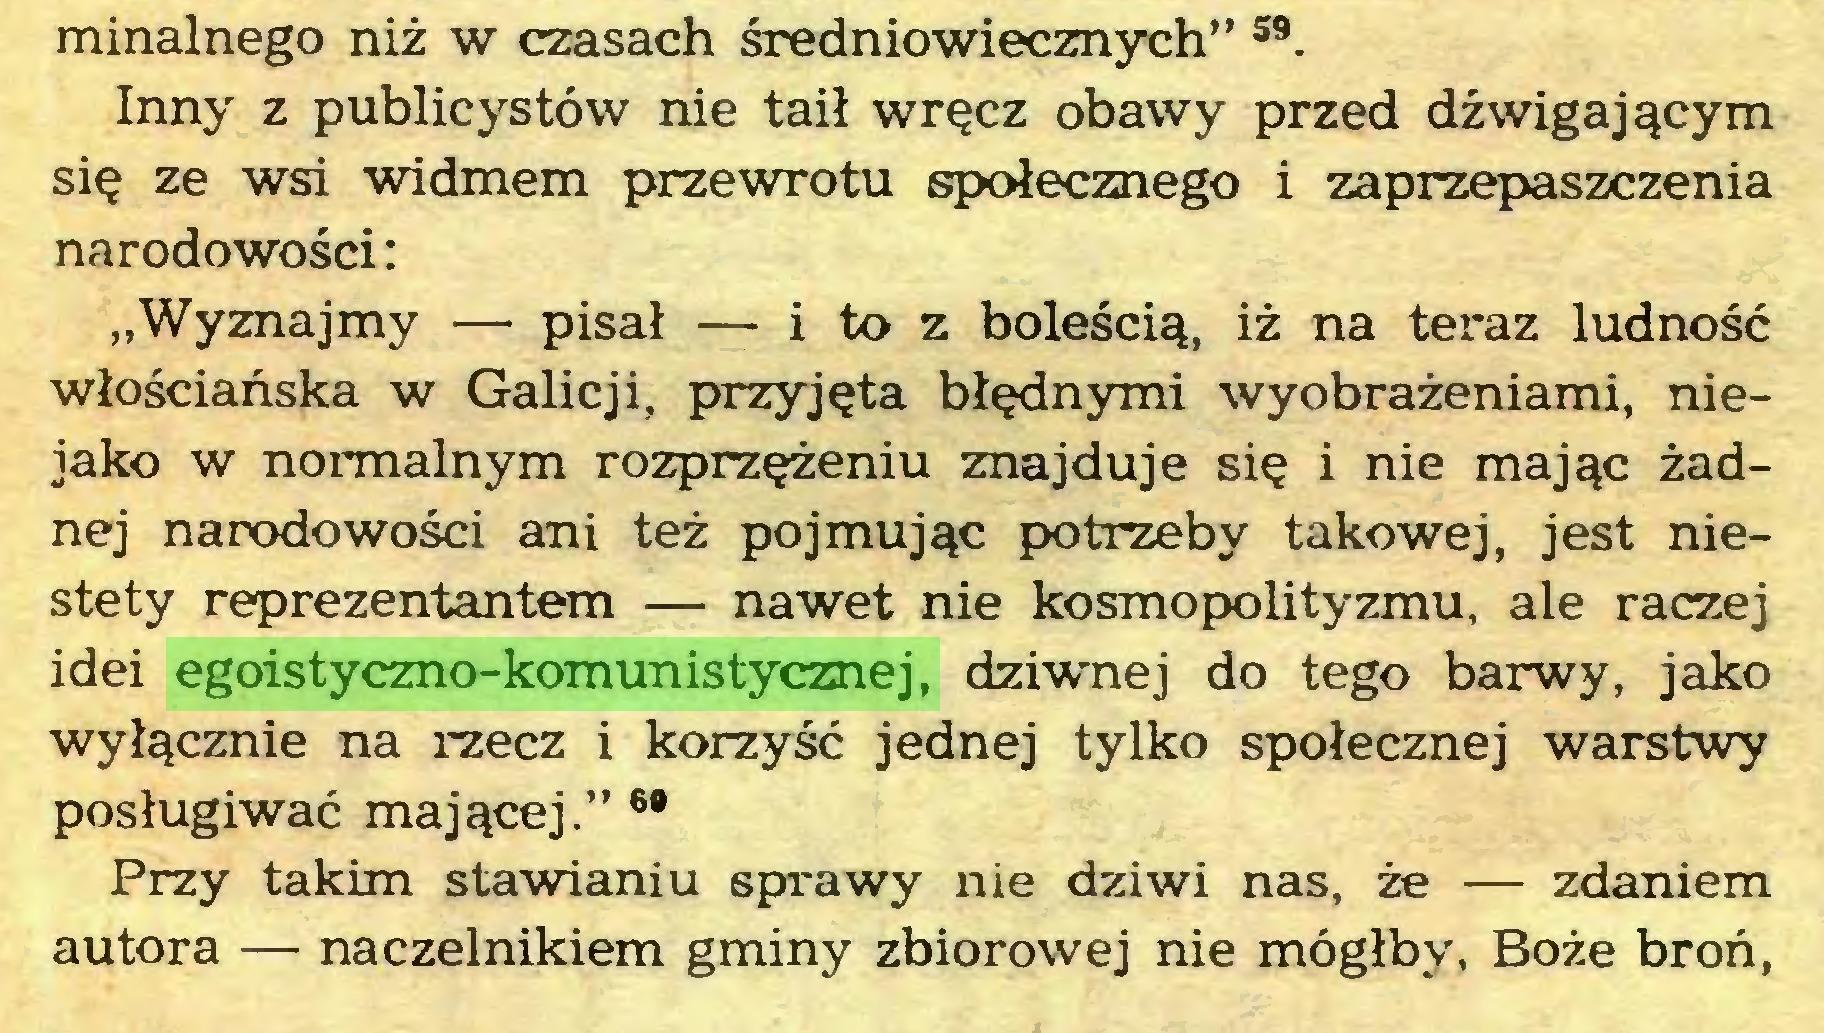 """(...) minalnego niż w czasach średniowiecznych"""" 59. Inny z publicystów nie taił wręcz obawy przed dźwigającym się ze wsi widmem przewrotu społecznego i zaprzepaszczenia narodowości: """"Wyznajmy — pisał — i to z boleścią, iż na teraz ludność włościańska w Galicji, przyjęta błędnymi wyobrażeniami, niejako w normalnym rozprzężeniu znajduje się i nie mając żadnej narodowości ani też pojmując potrzeby takowej, jest niestety reprezentantem — nawet nie kosmopolityzmu, ale raczej idei egoistyczno-komunistycznej, dzi-wnej do tego barwy, jako wyłącznie na rzecz i korzyść jednej tylko społecznej warstwy posługiwać mającej."""" 6* Przy takim stawianiu sprawy nie dziwi nas, że — zdaniem autora — naczelnikiem gminy zbiorowej nie mógłby, Boże broń,..."""